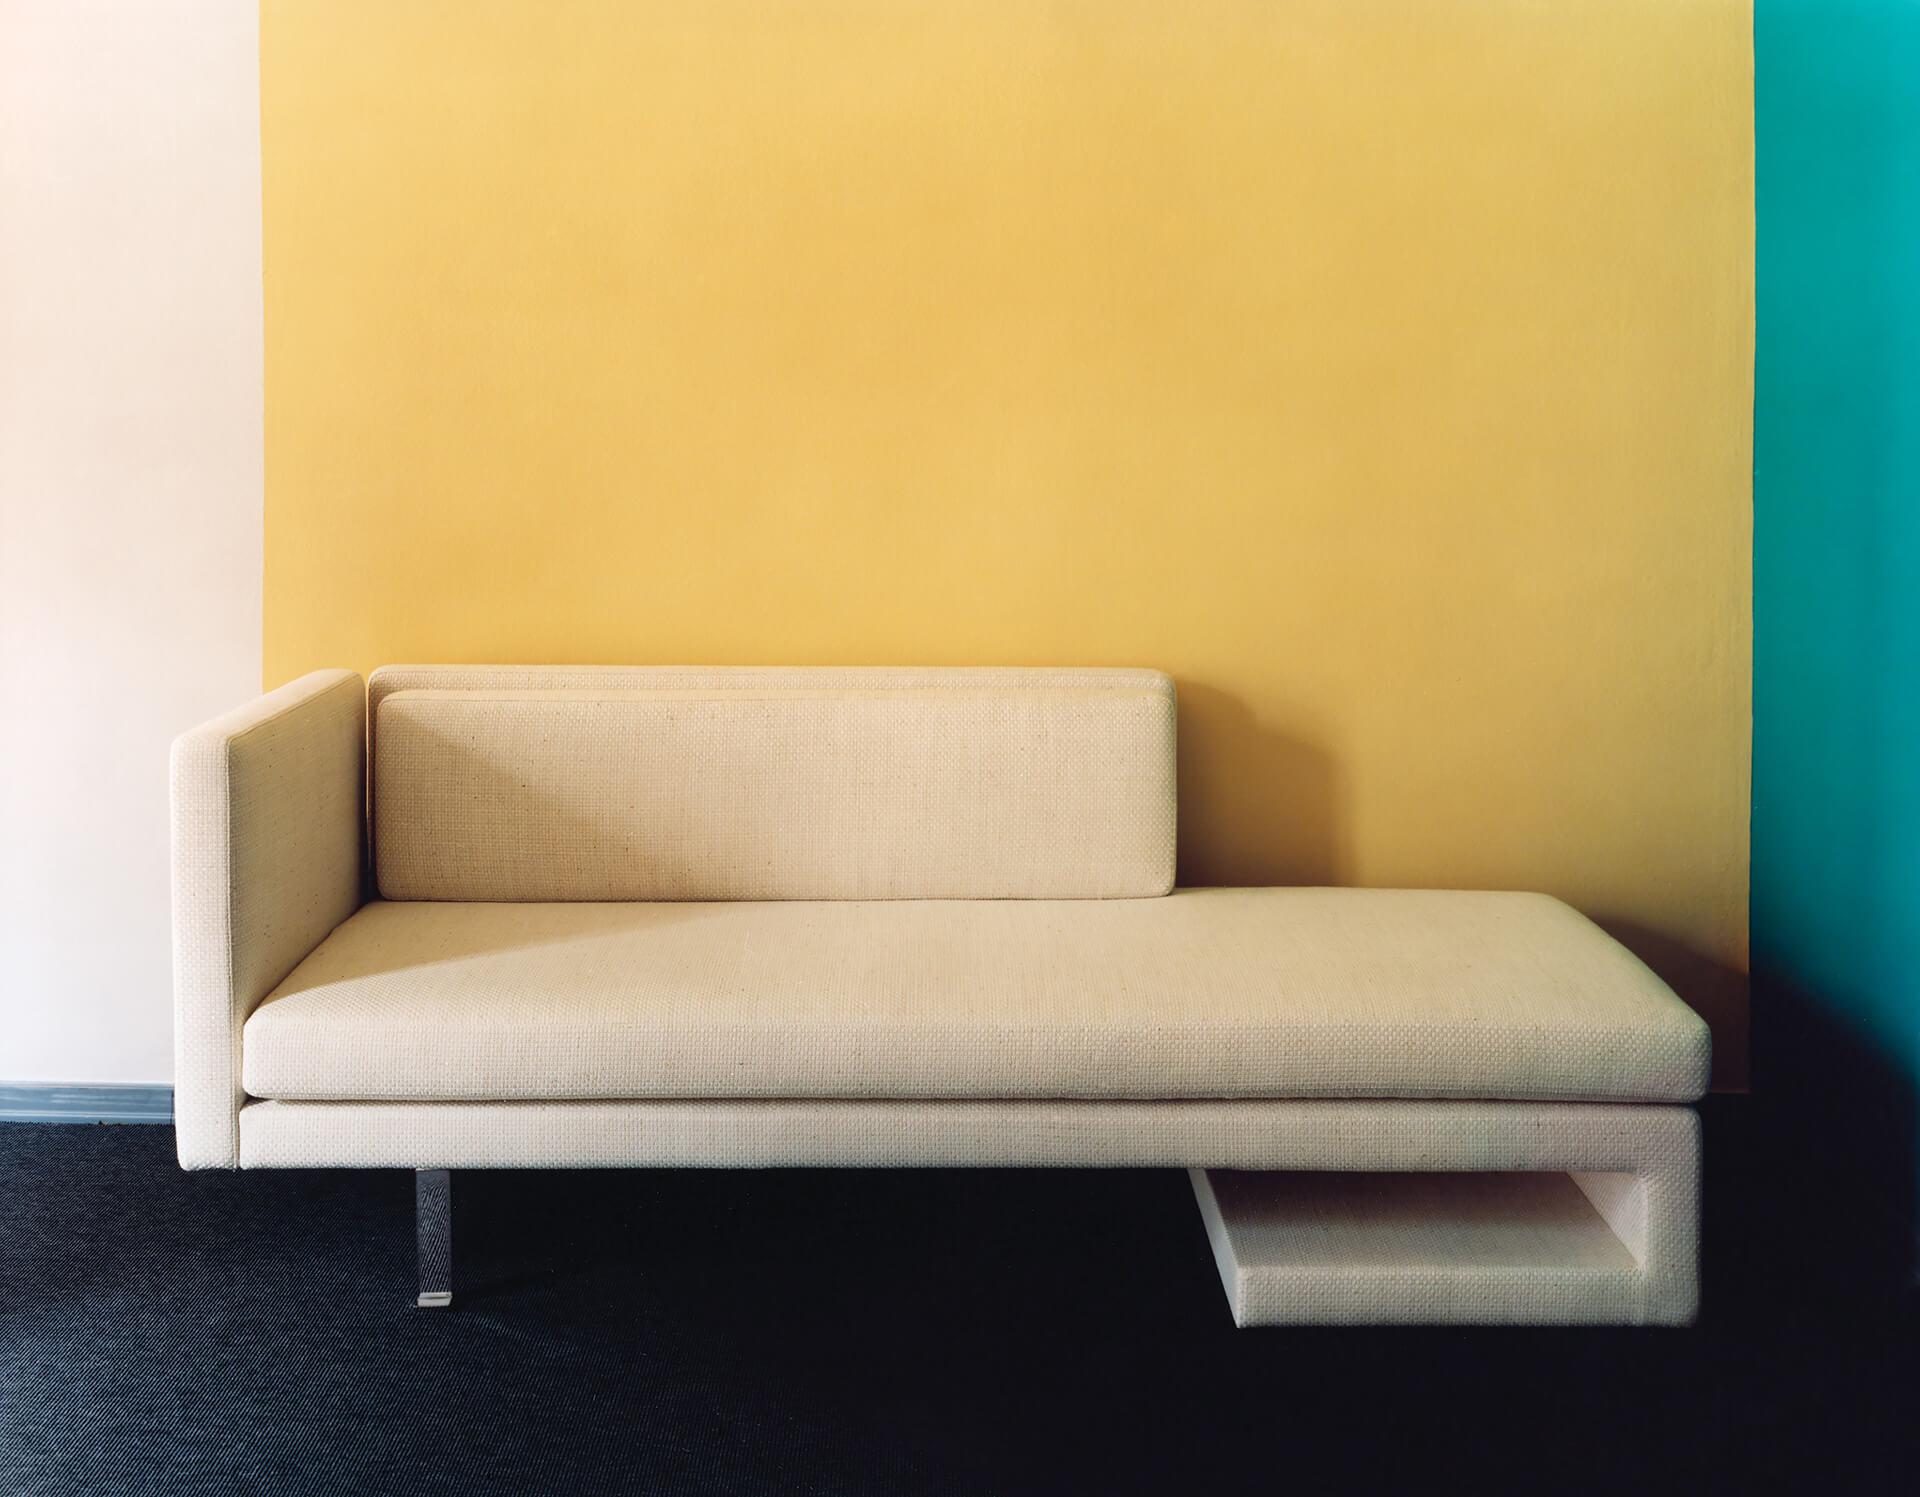 Carl  -  sofa LPA  2018